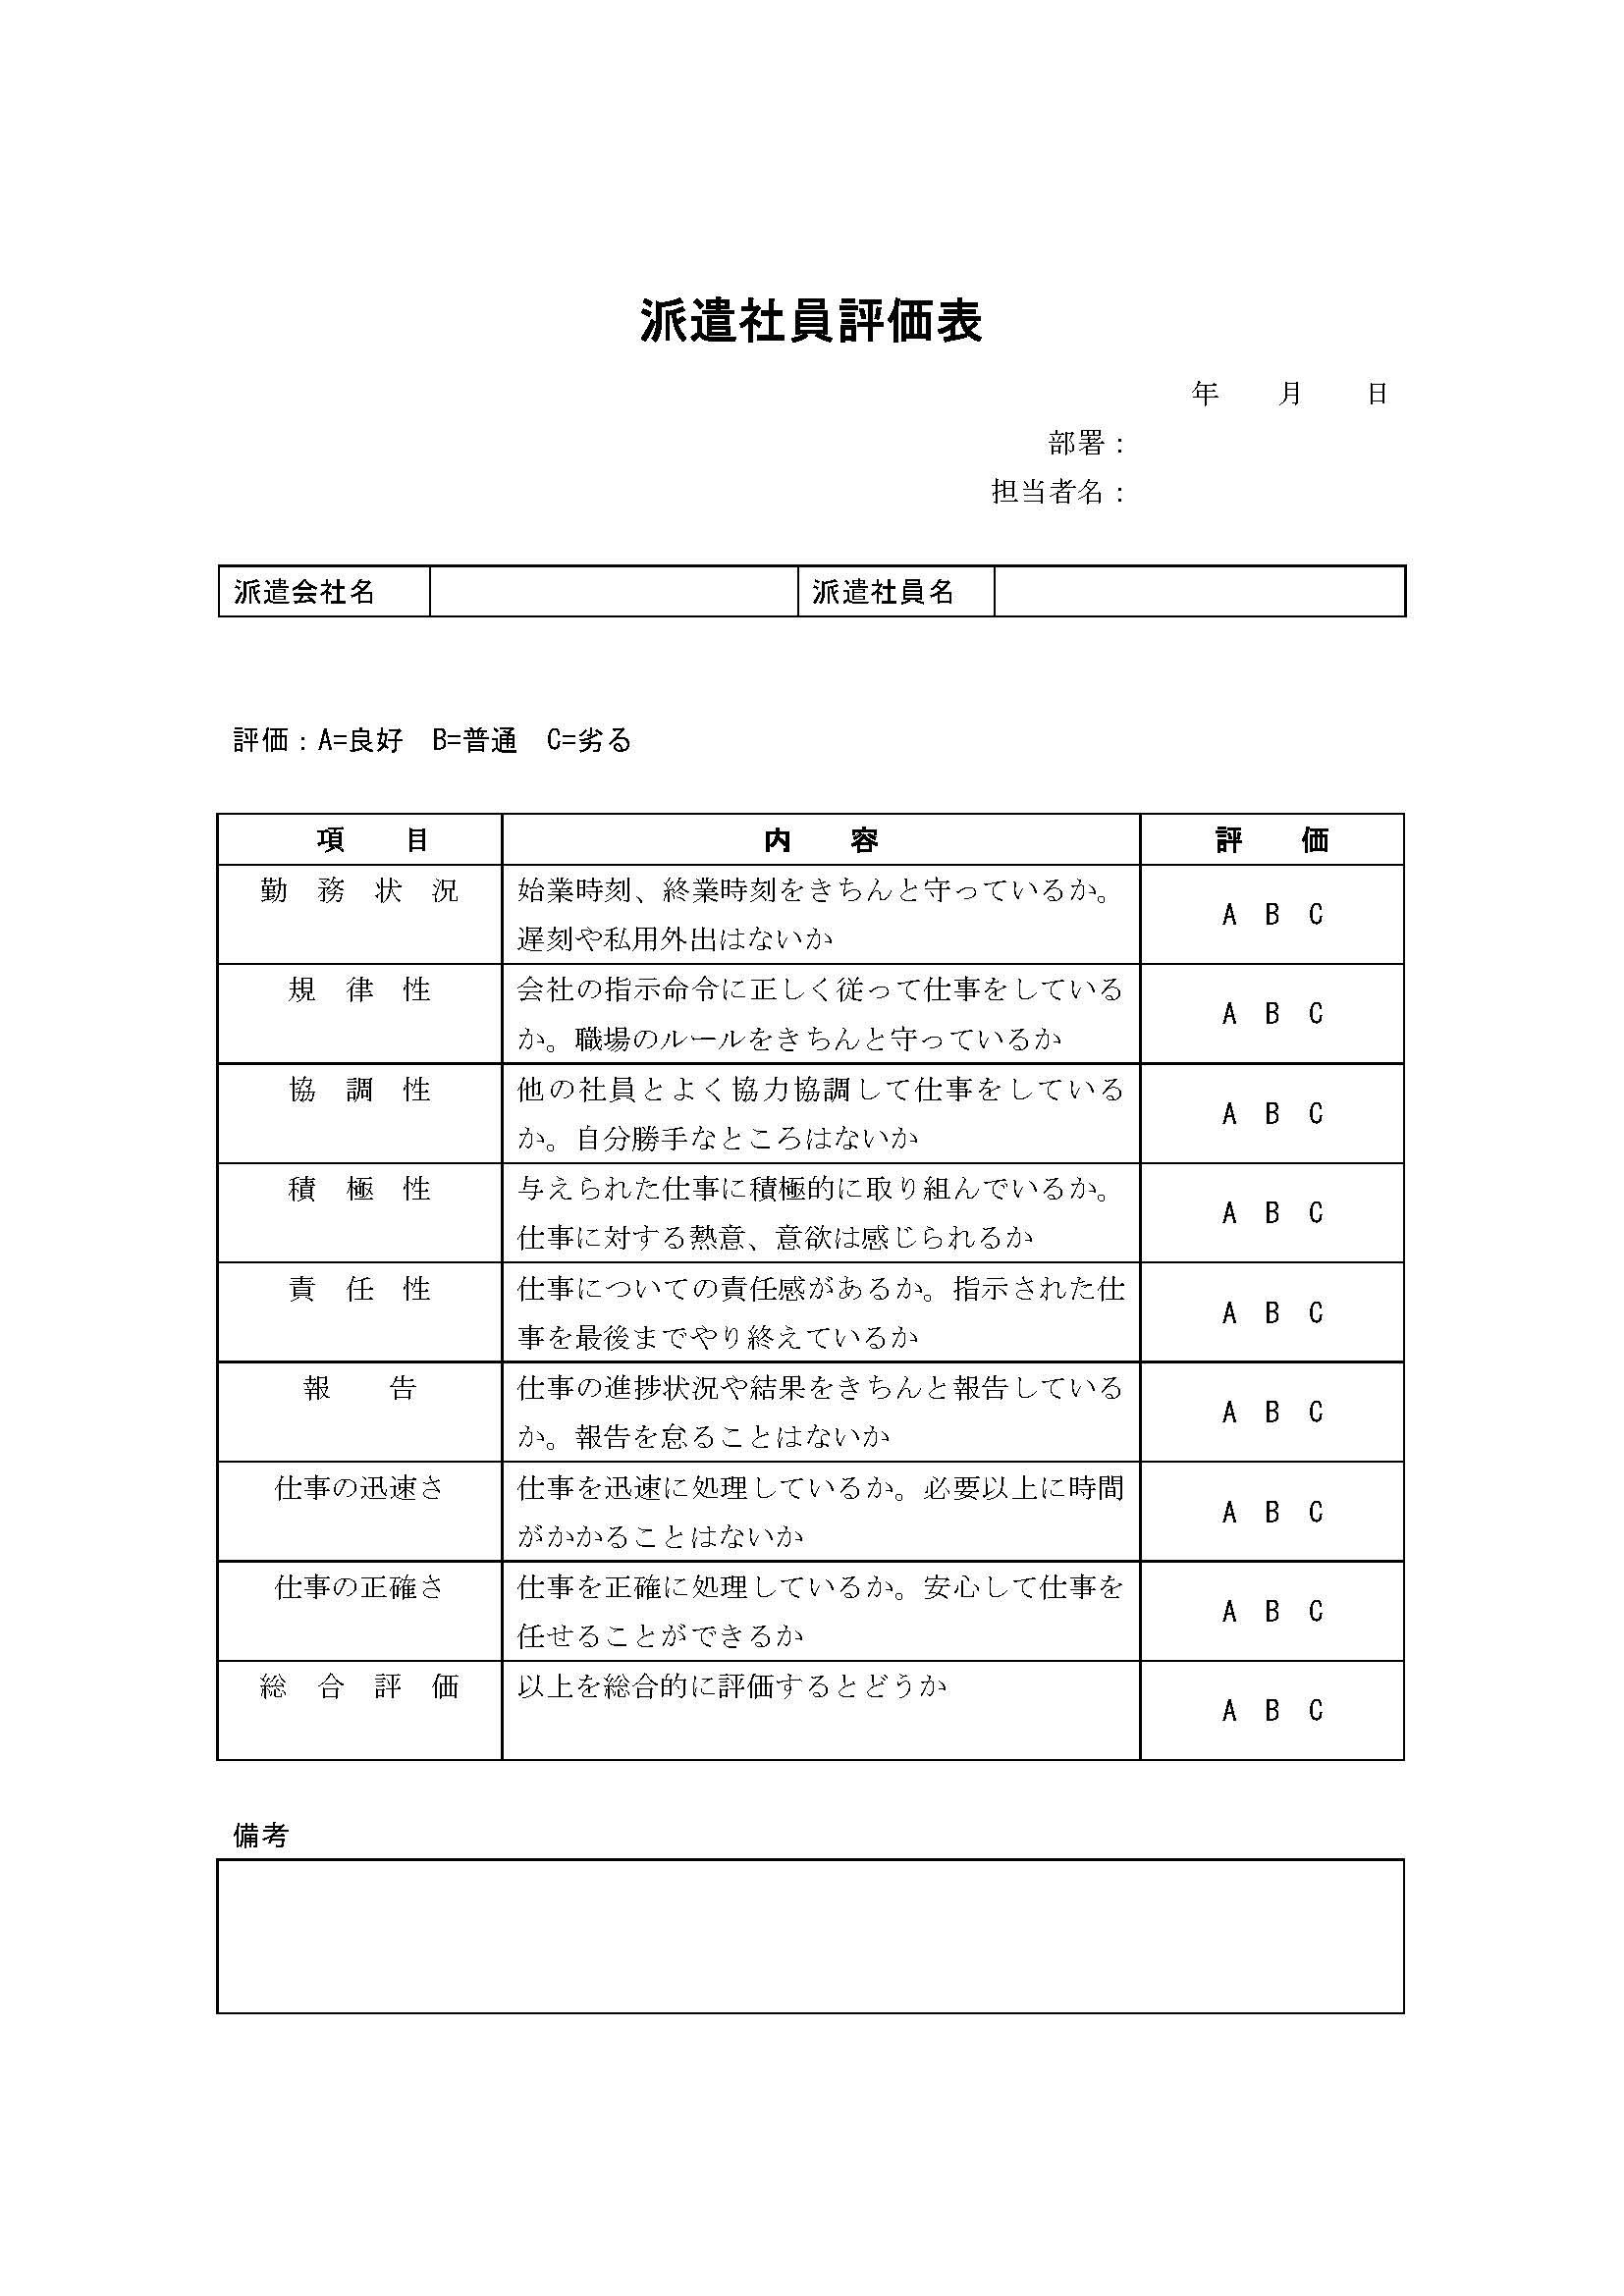 評価表(派遣社員)